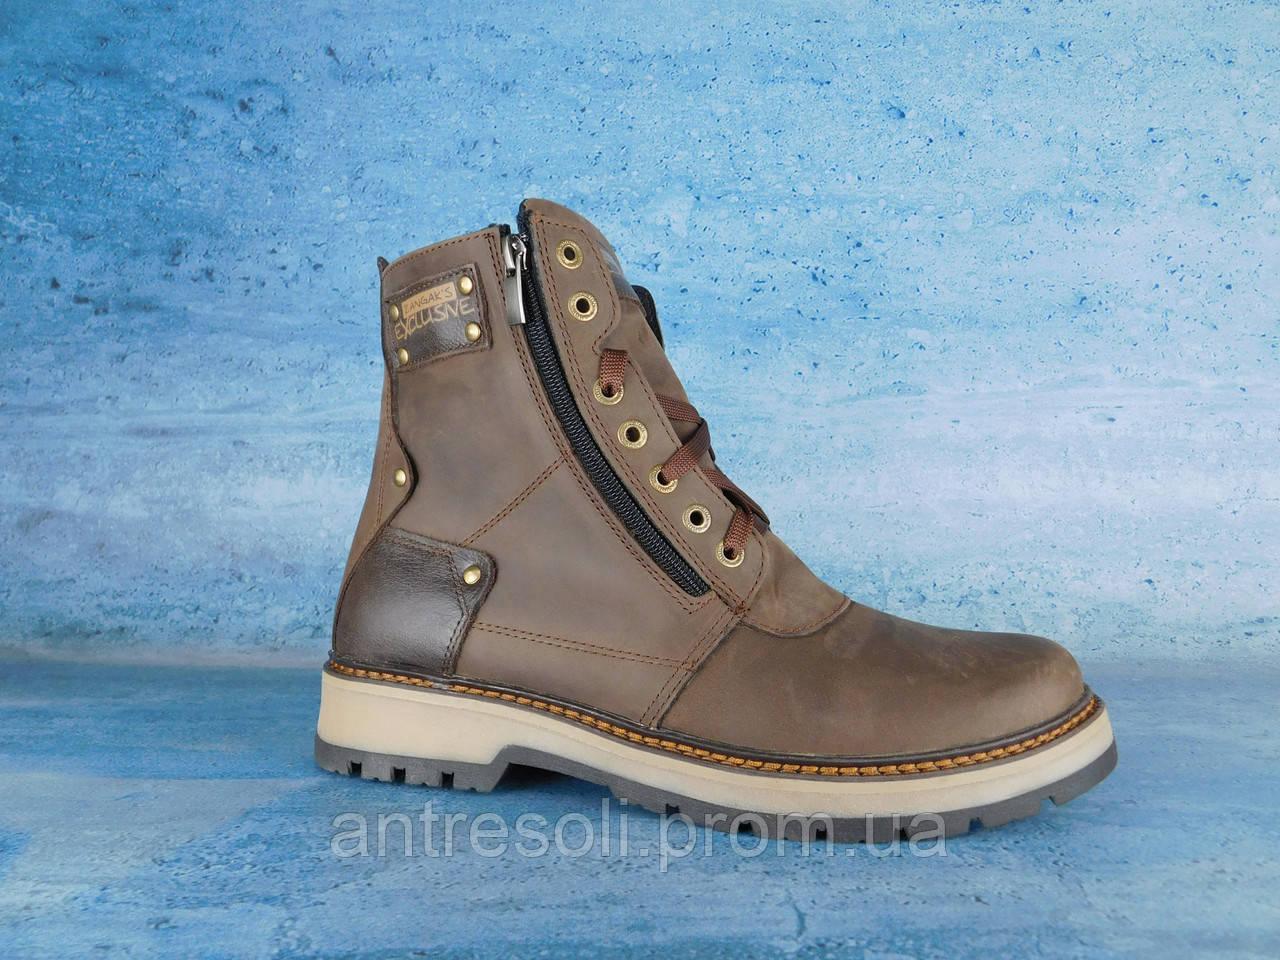 Мужские зимние ботинки Zangak Exclusive Коричневый 10560  1 150 грн ... 20c9ed04a7a0e